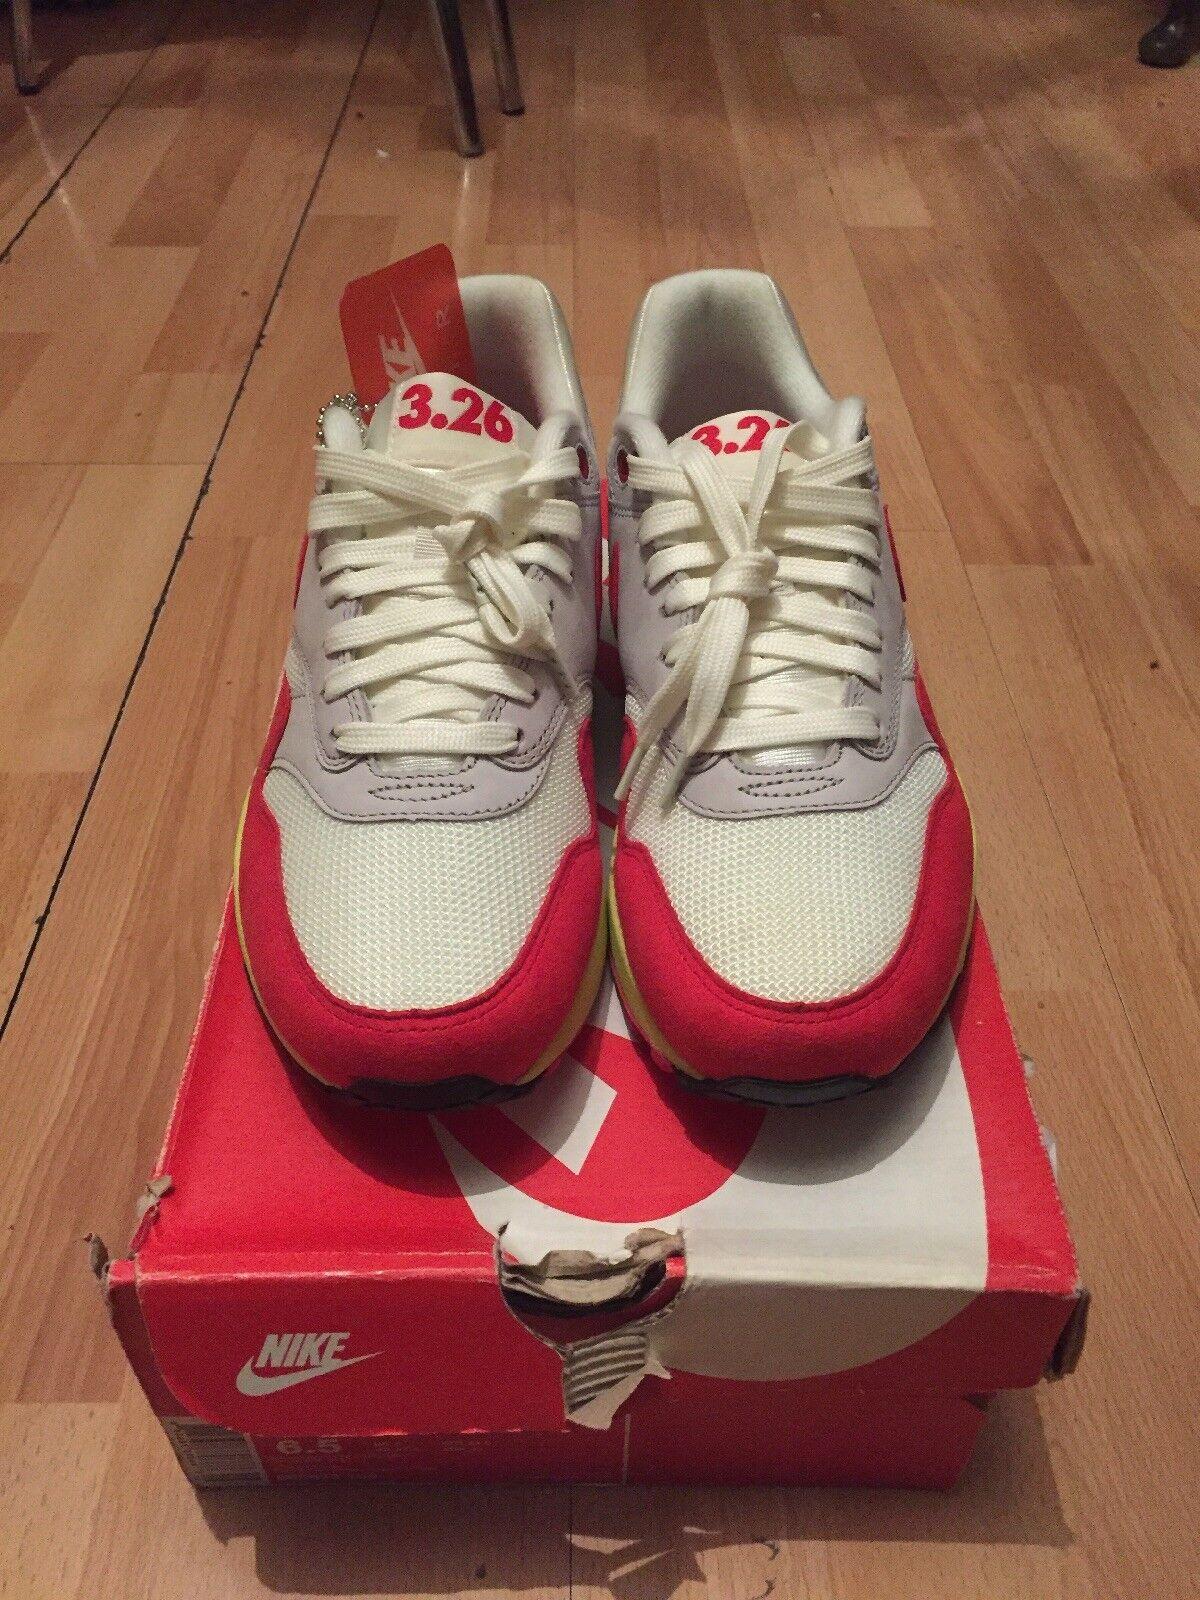 Nike Air Max 1 Premium QS | Conosciuto per la la la sua buona qualità  | Gentiluomo/Signora Scarpa  da038f